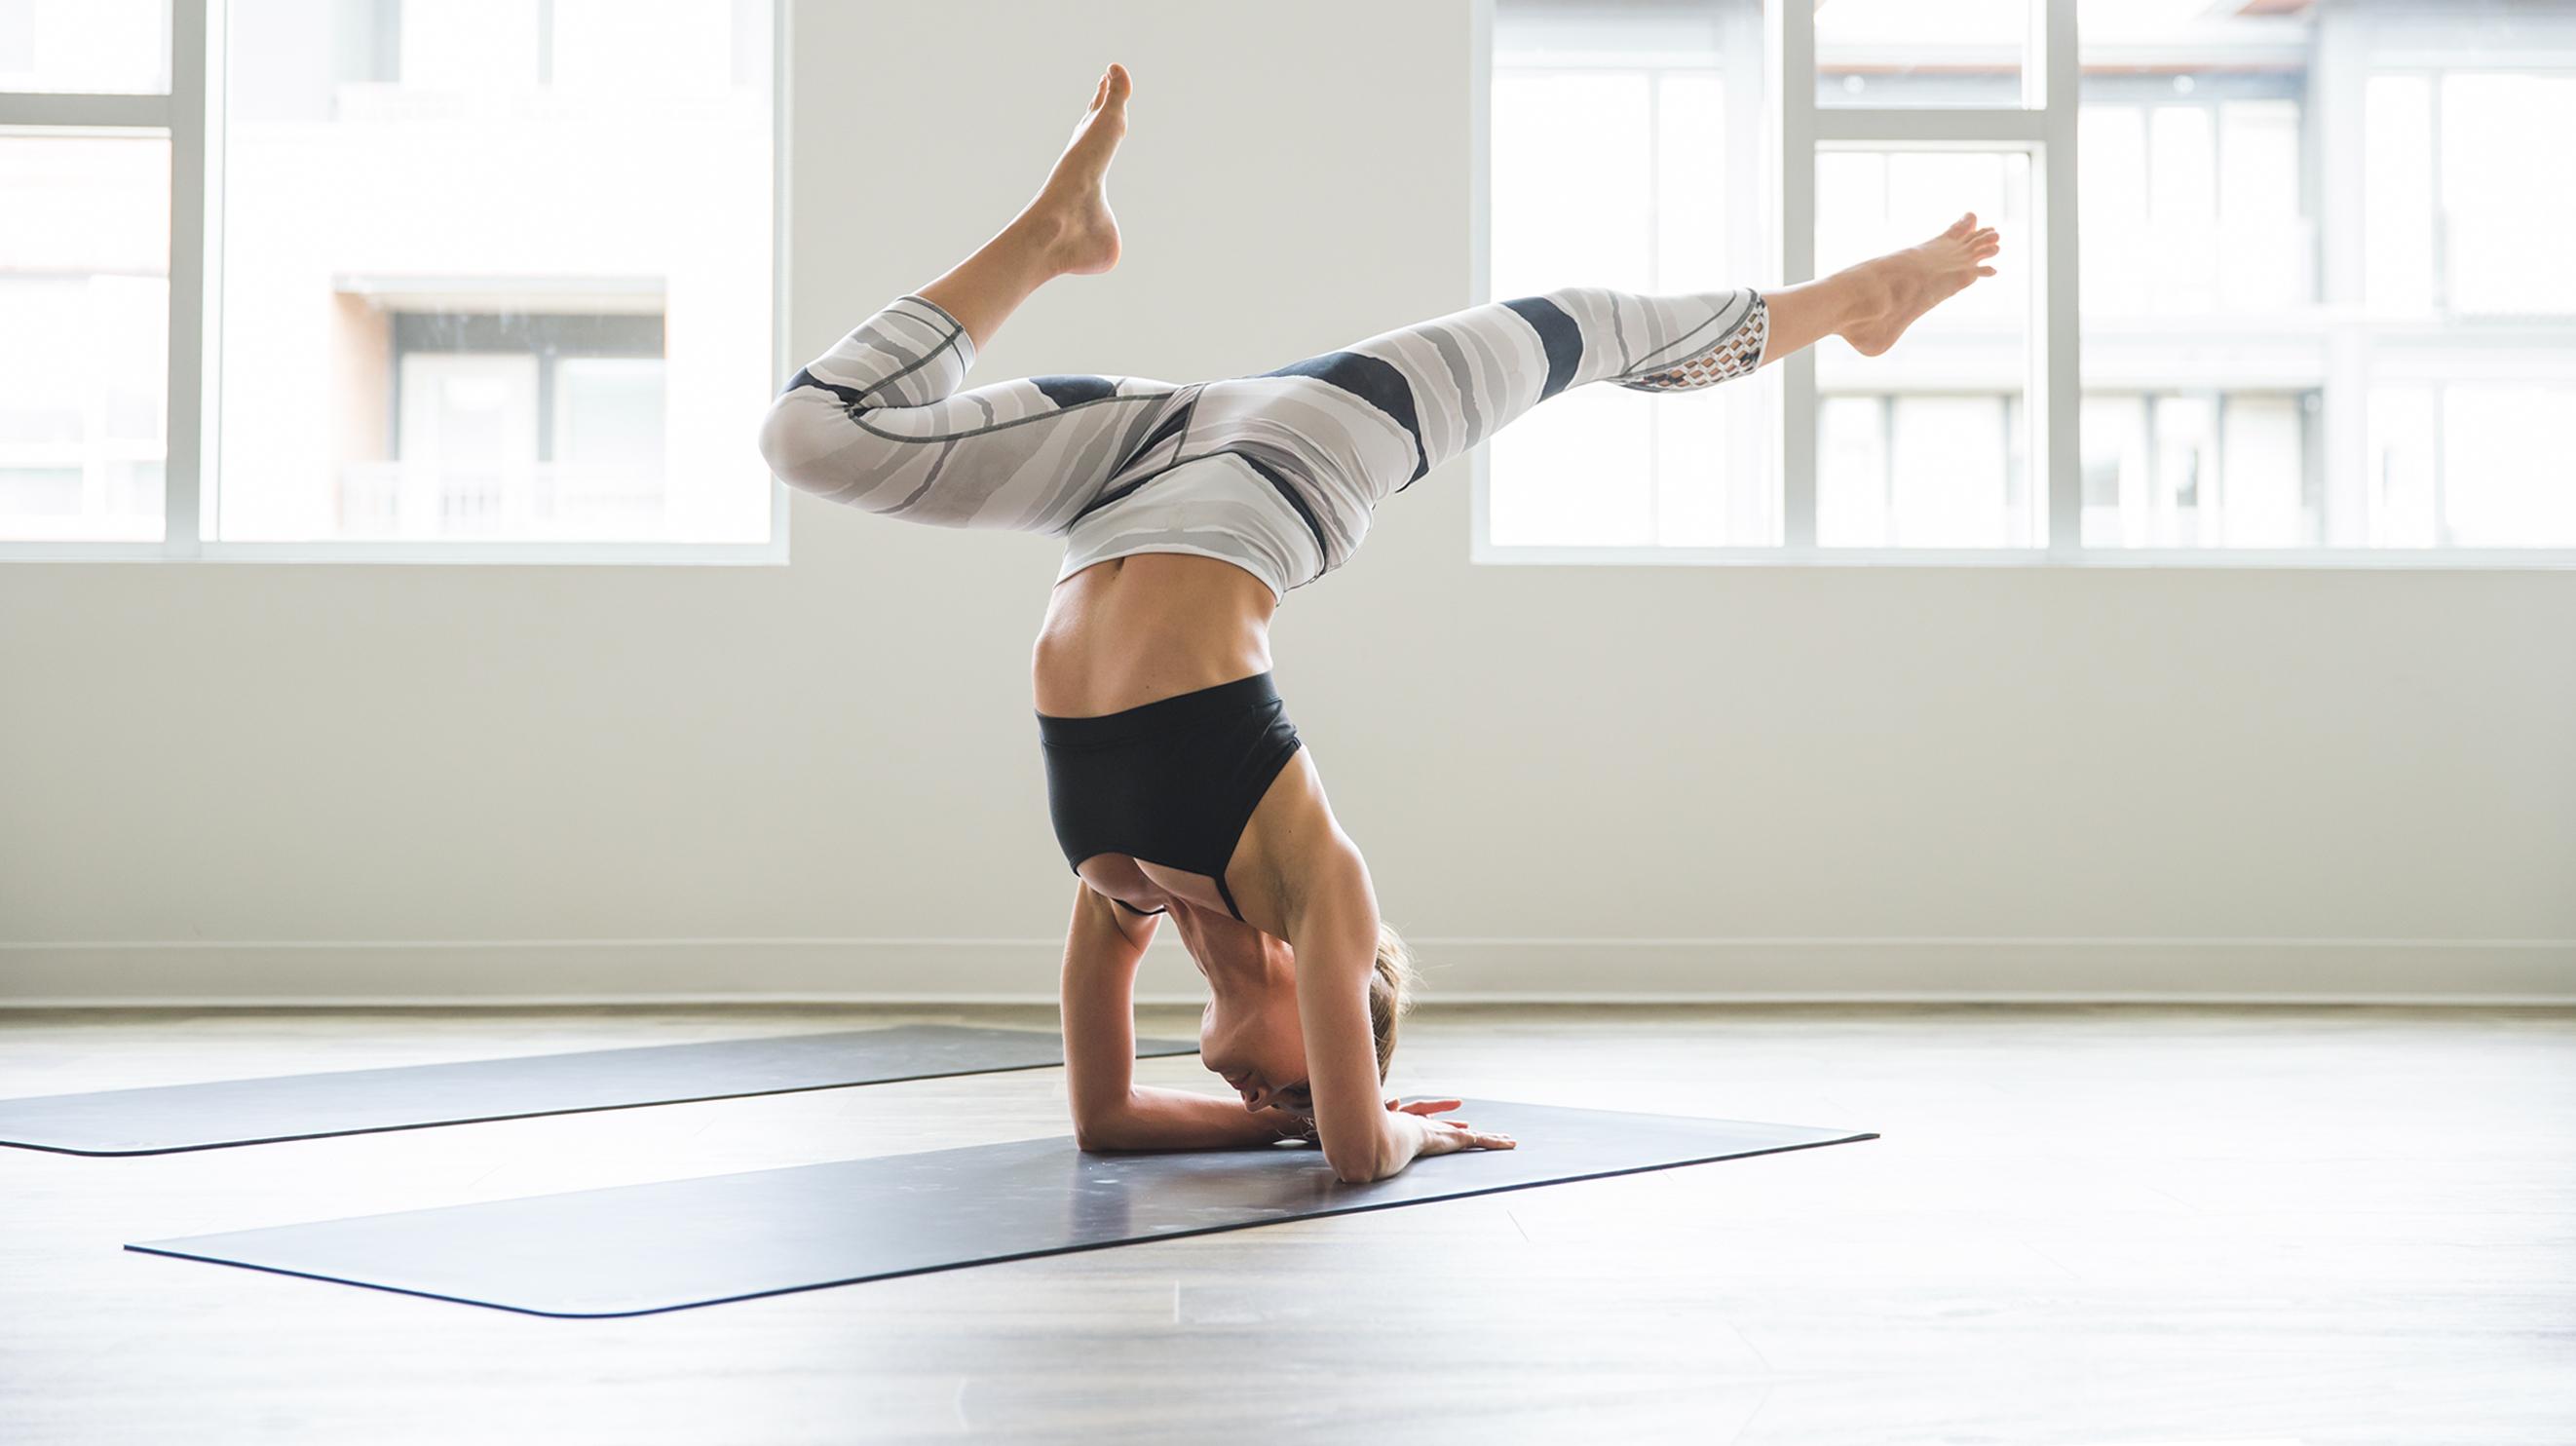 Woman wearing Lululemon clothing while practicing yoga.